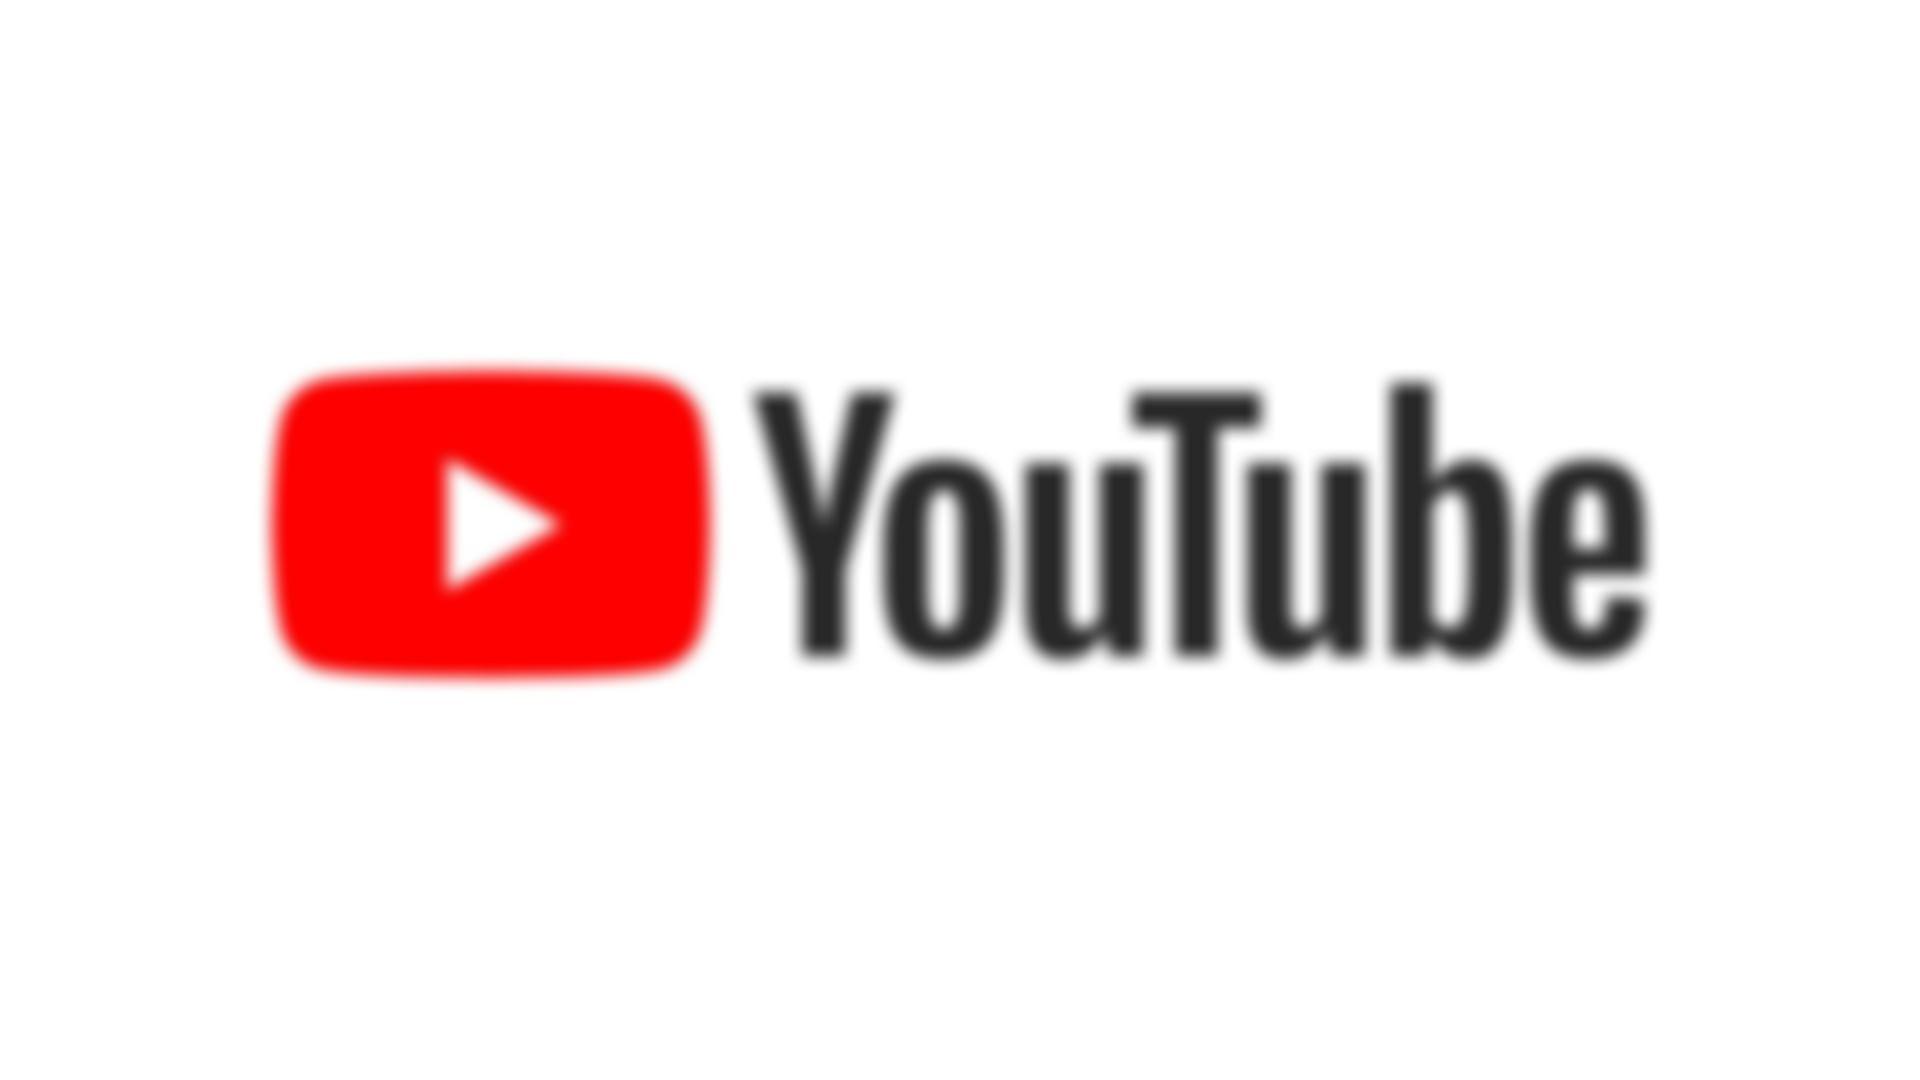 Youtubenewshowbutton